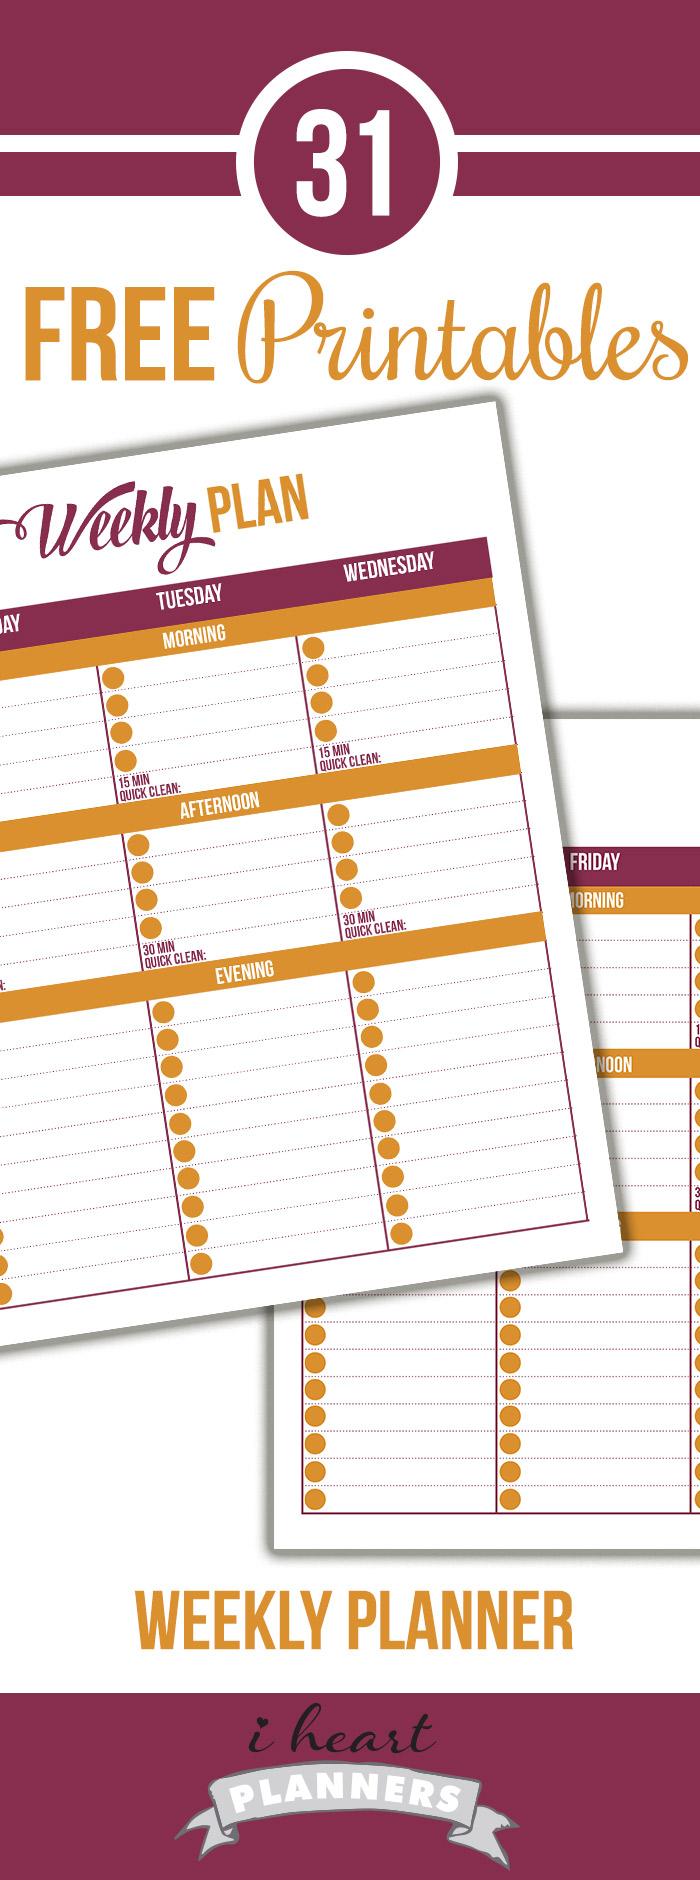 FREE Weekly Schedule Printable